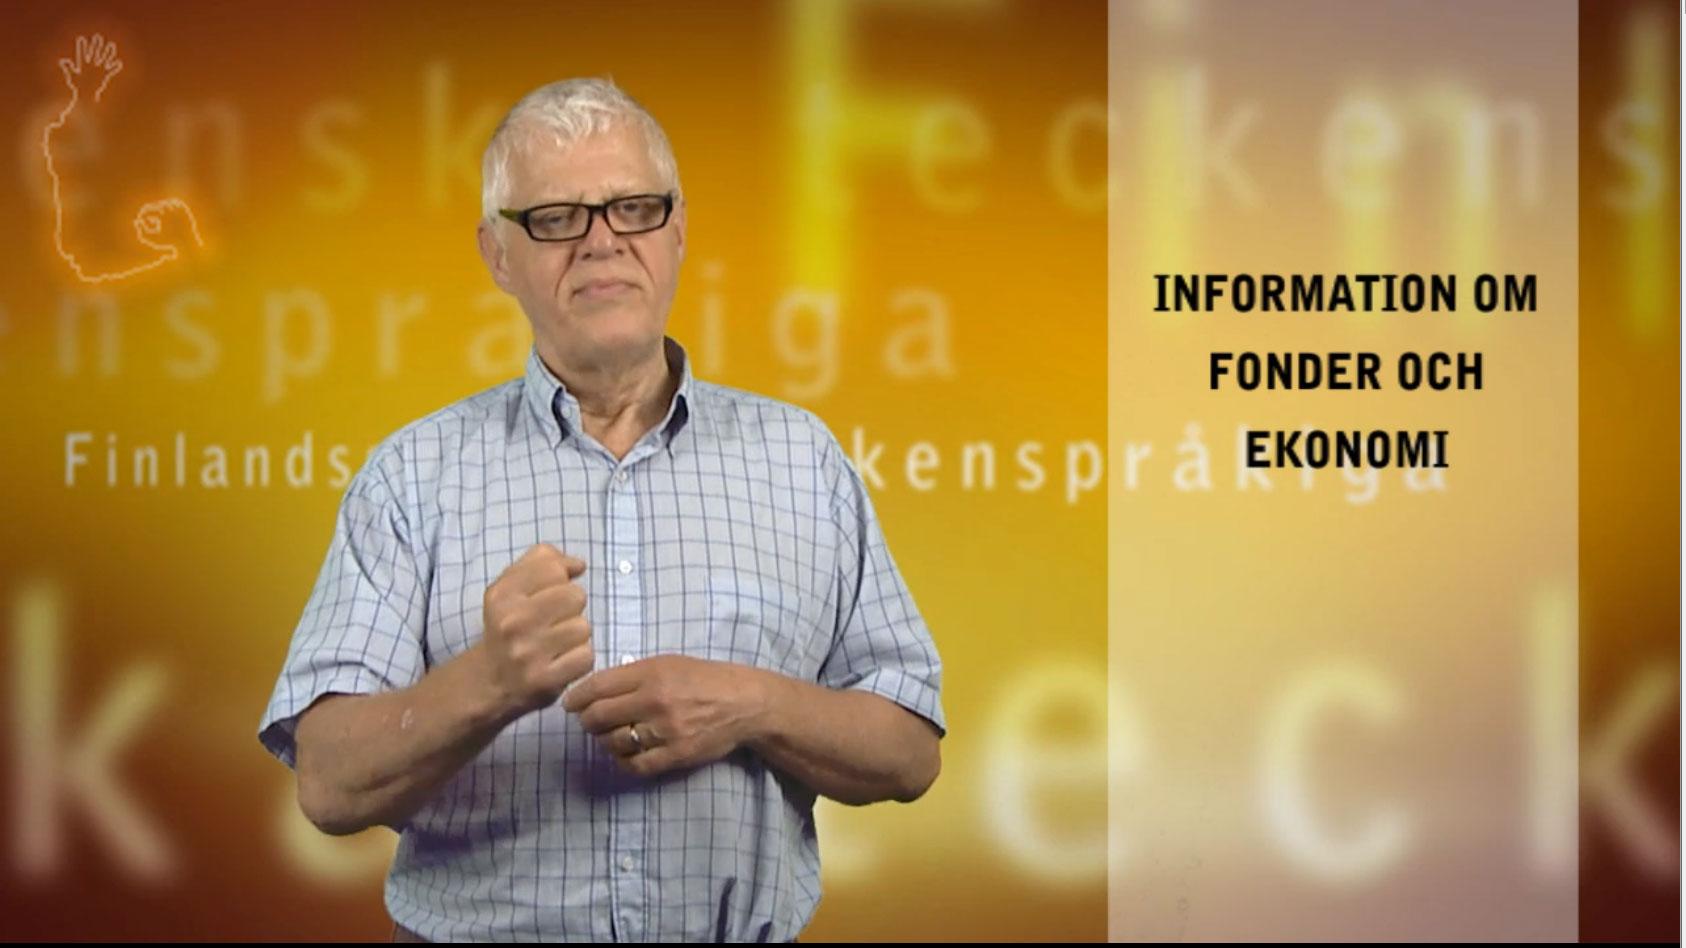 Information om fonder och ekonomi